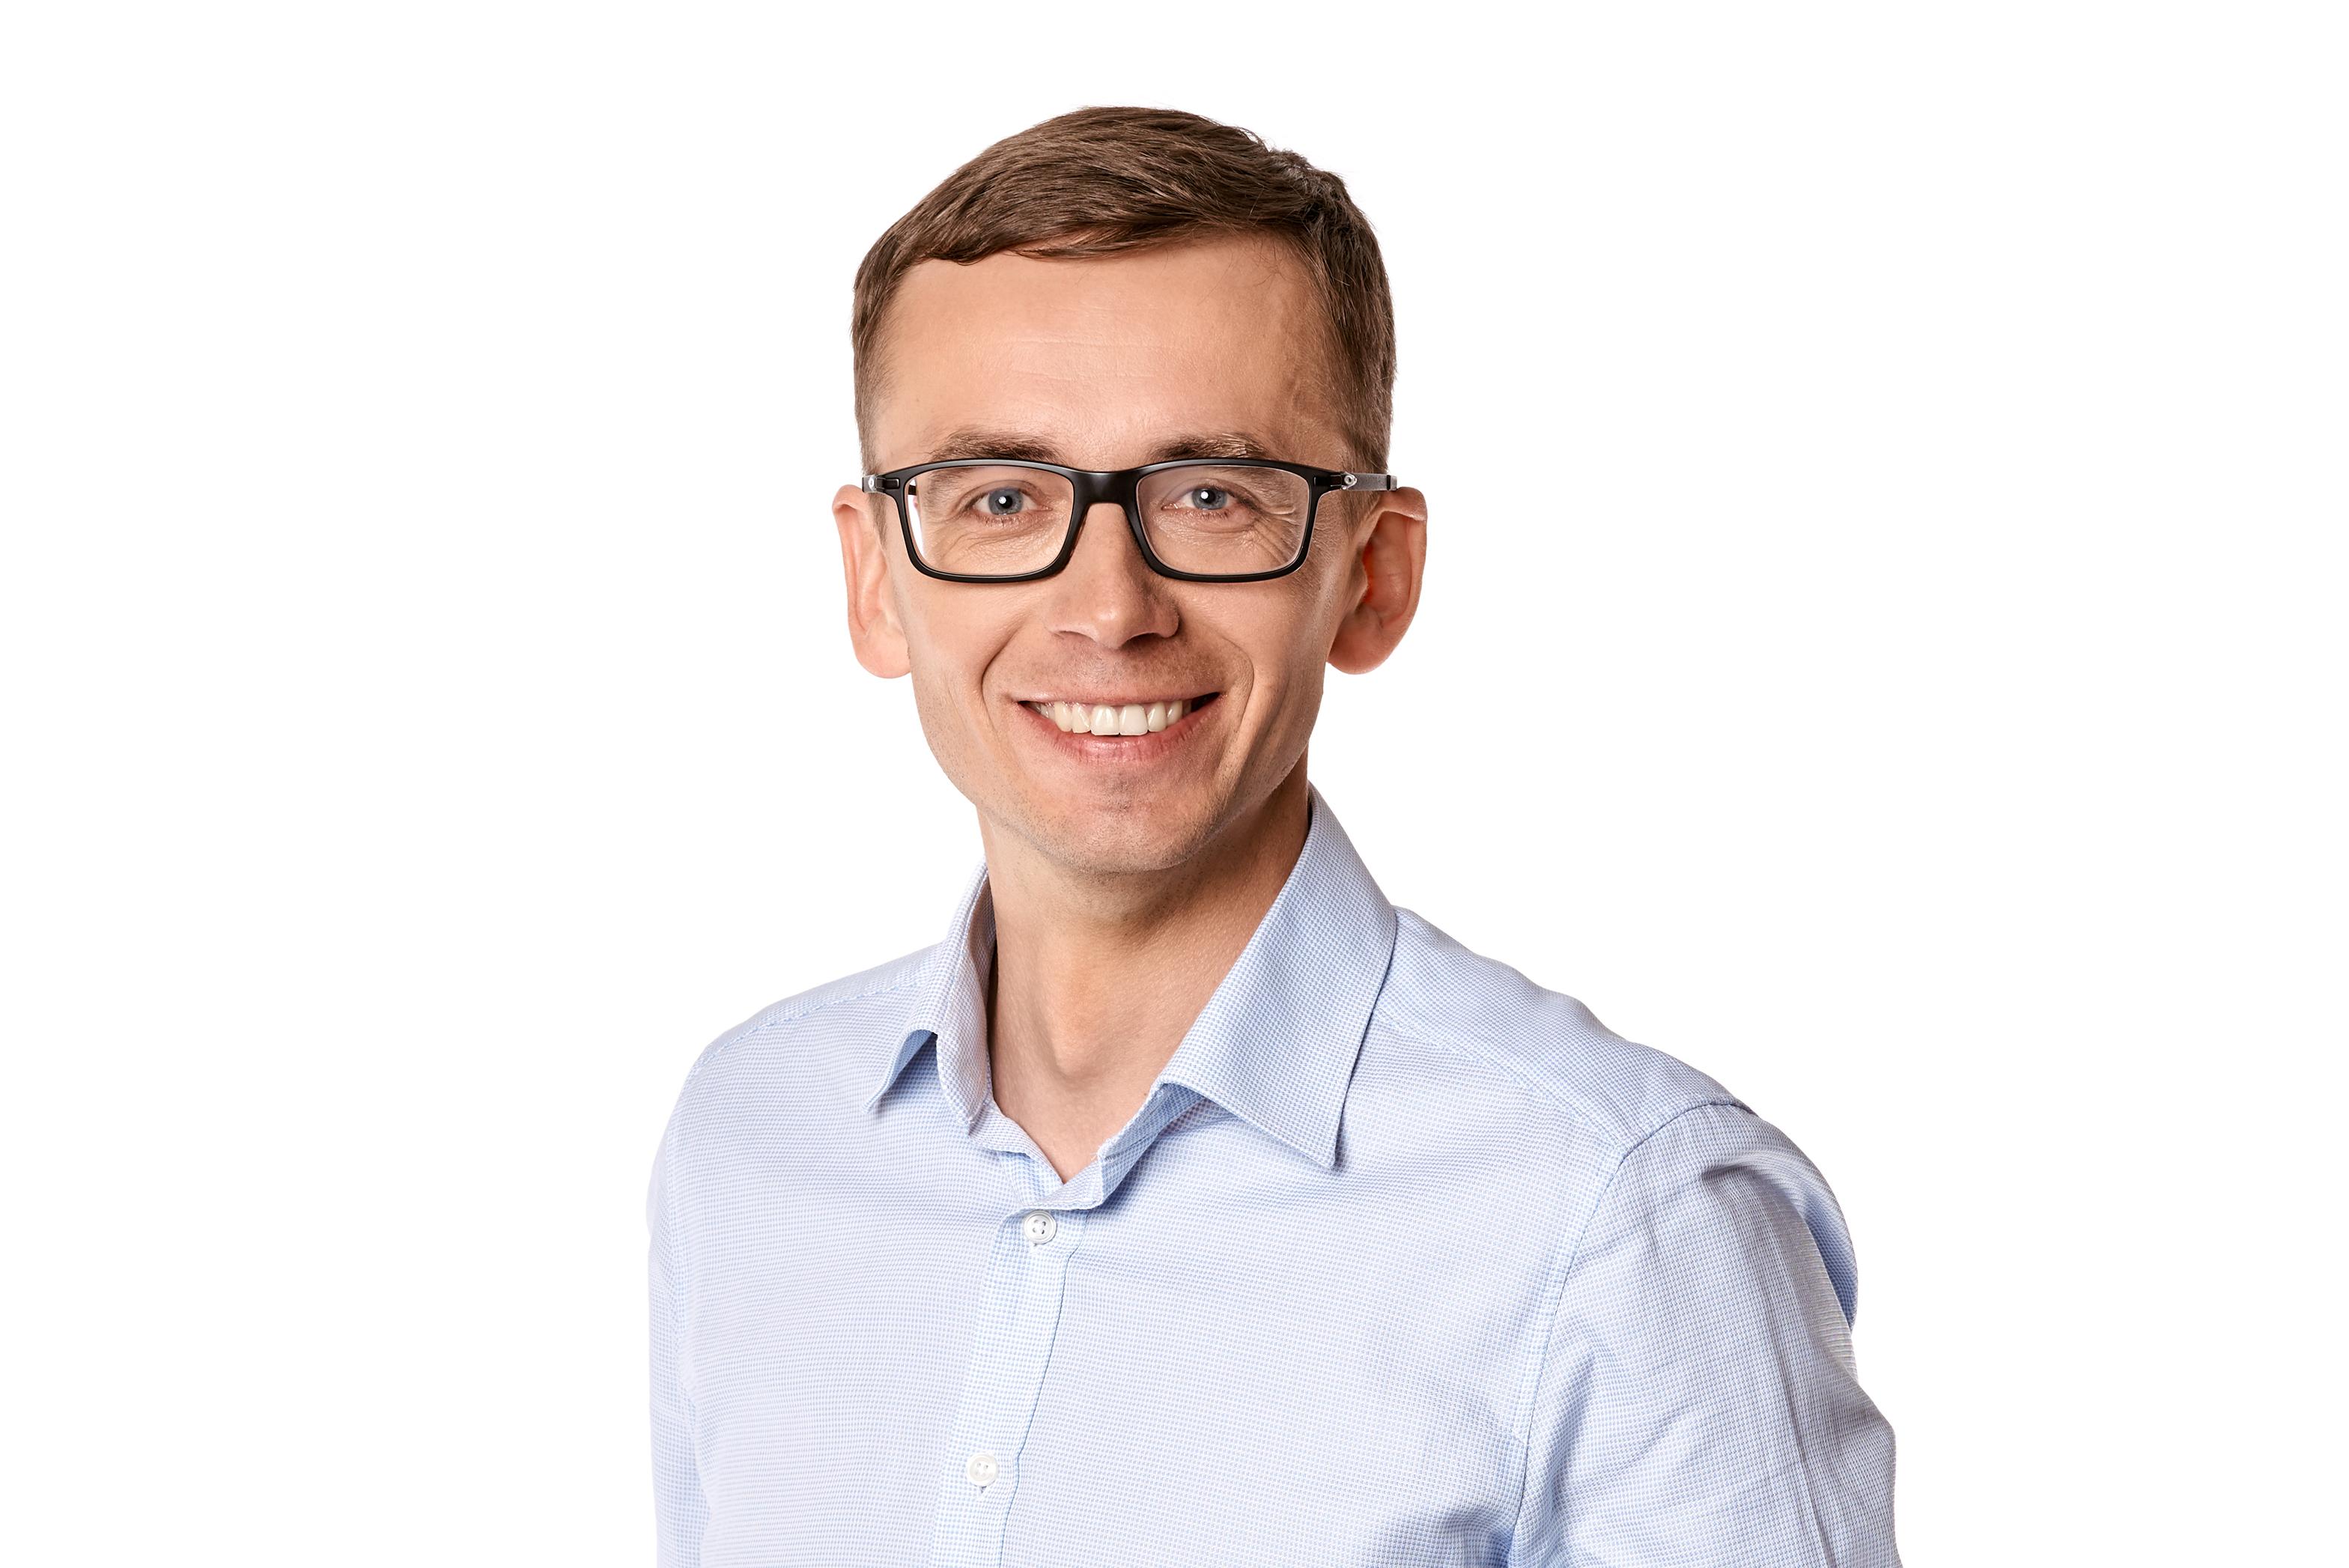 Andrzej Lipka szefem grupy Predica